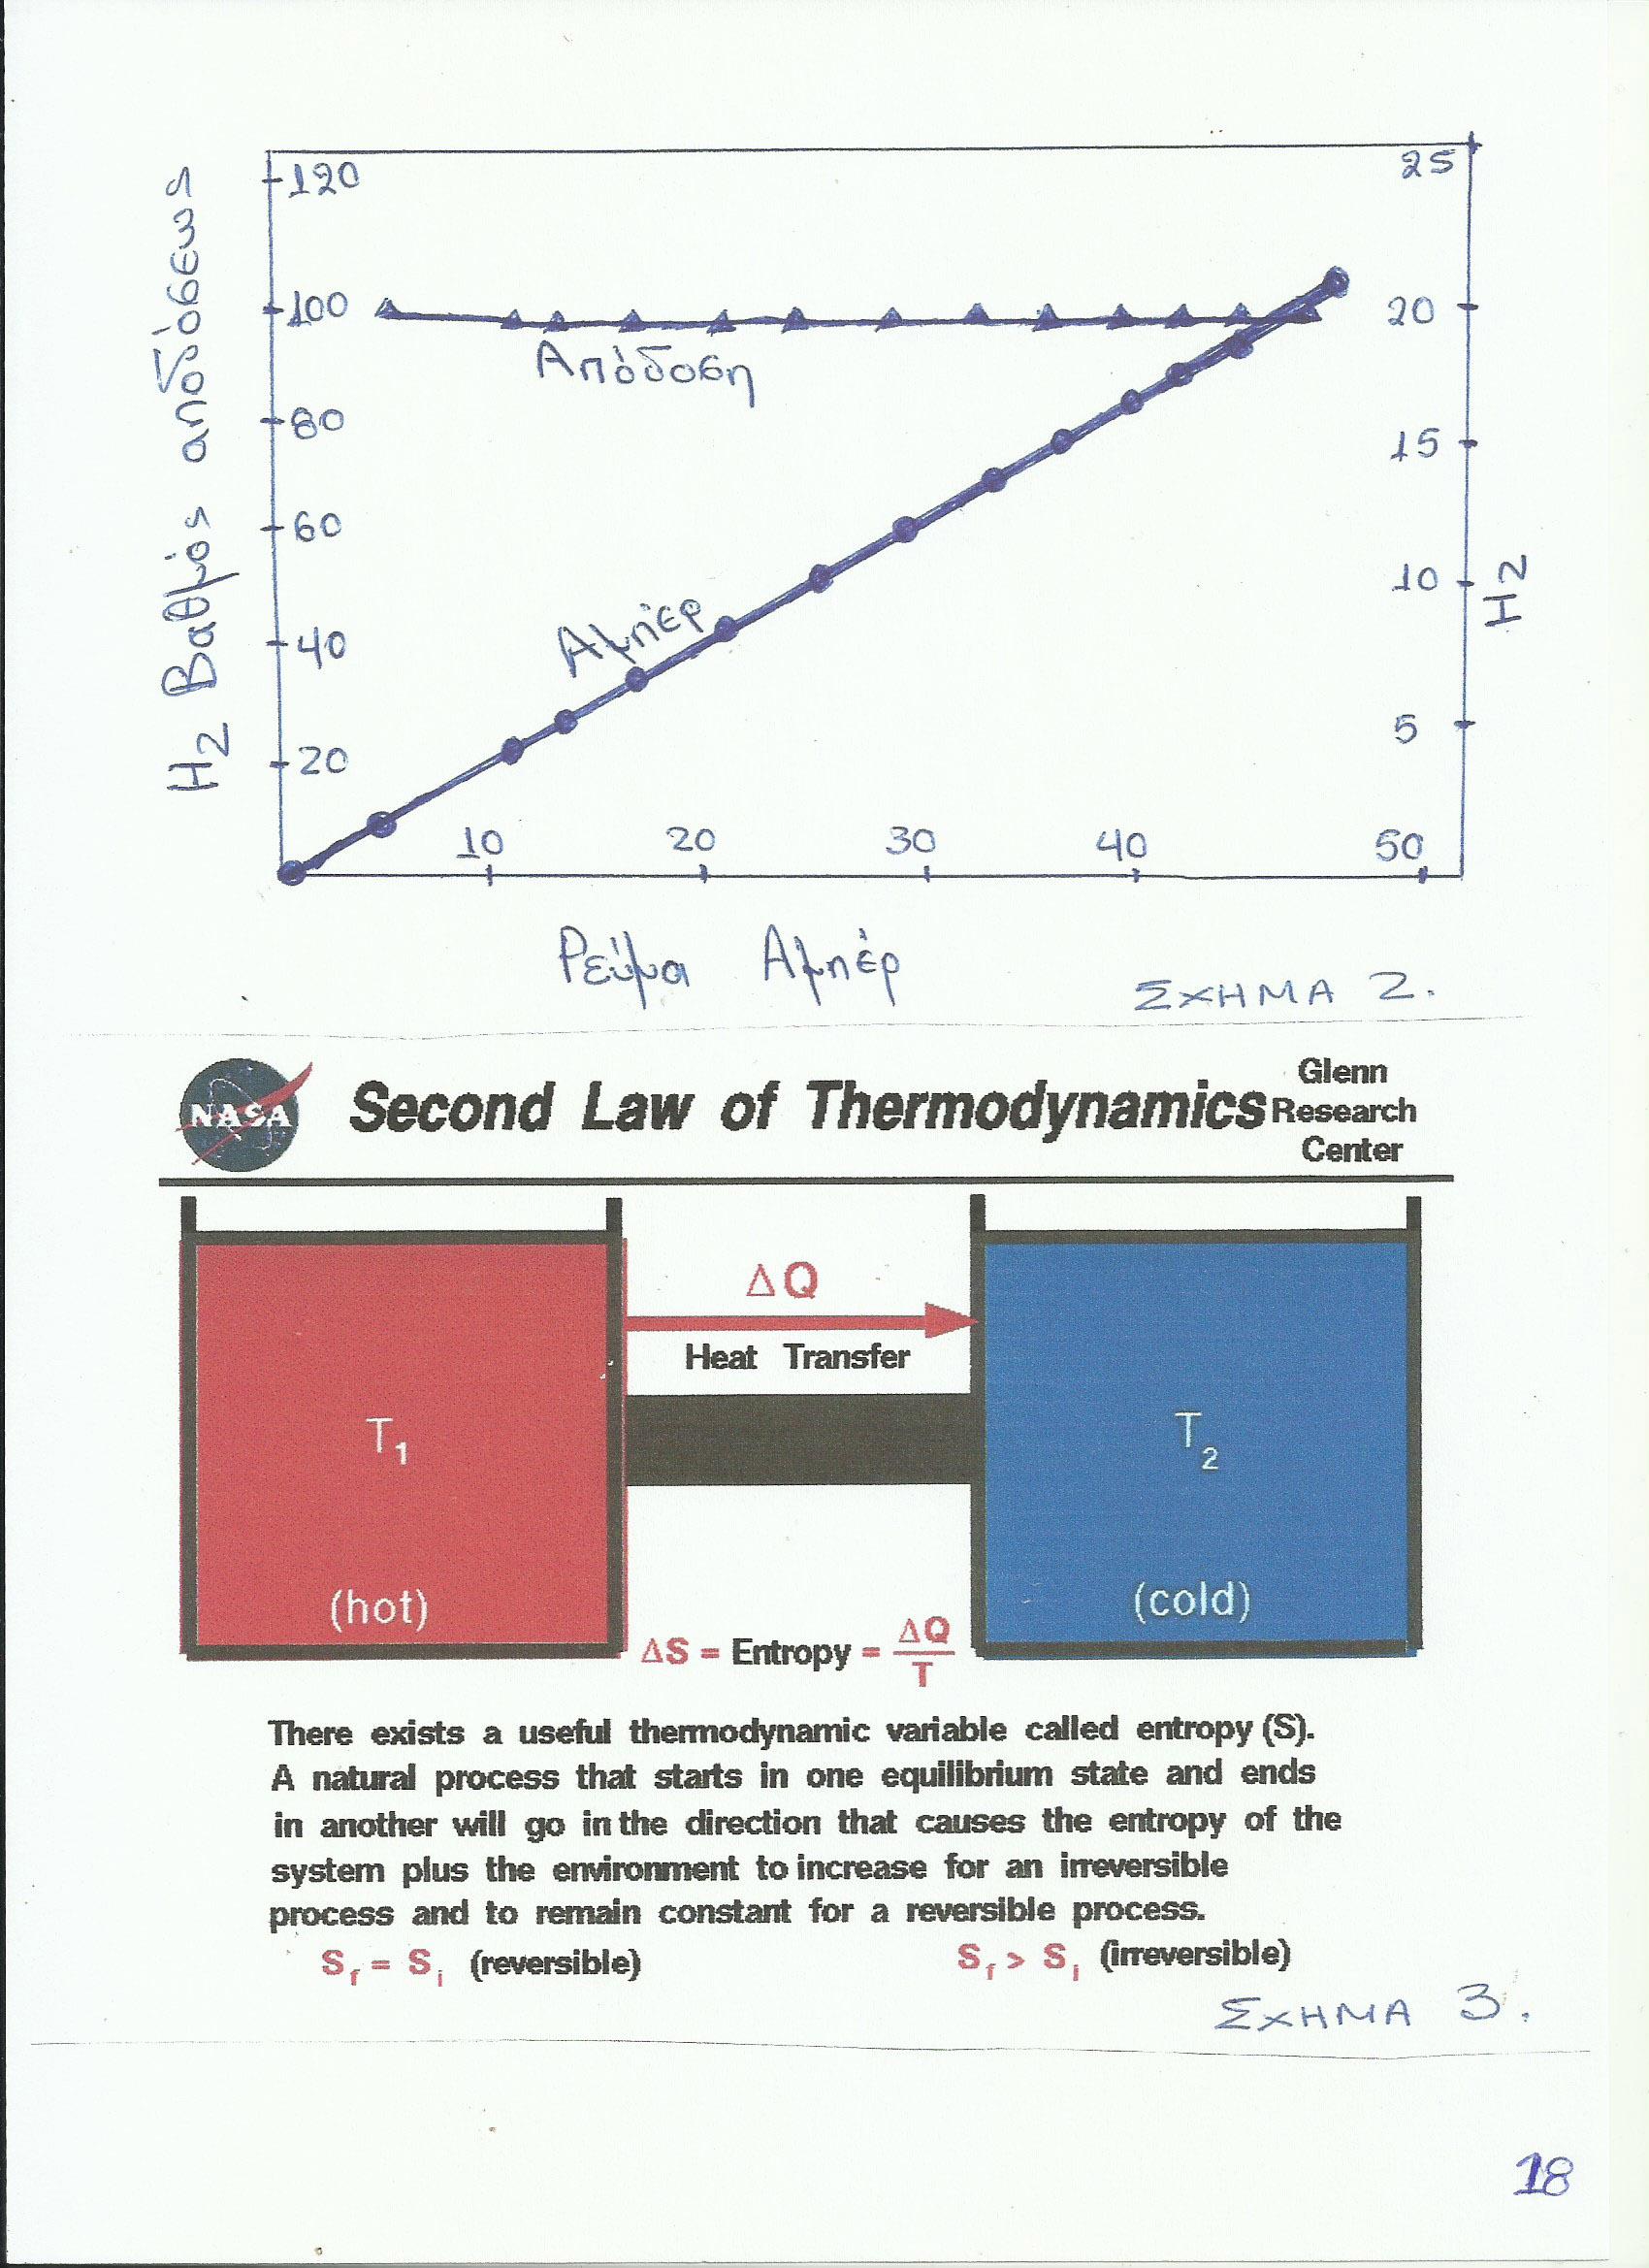 Η παράκαμψη της περιοριστικής διάταξης Carnot του 2ου νόμου της θερμοδυναμικής 2